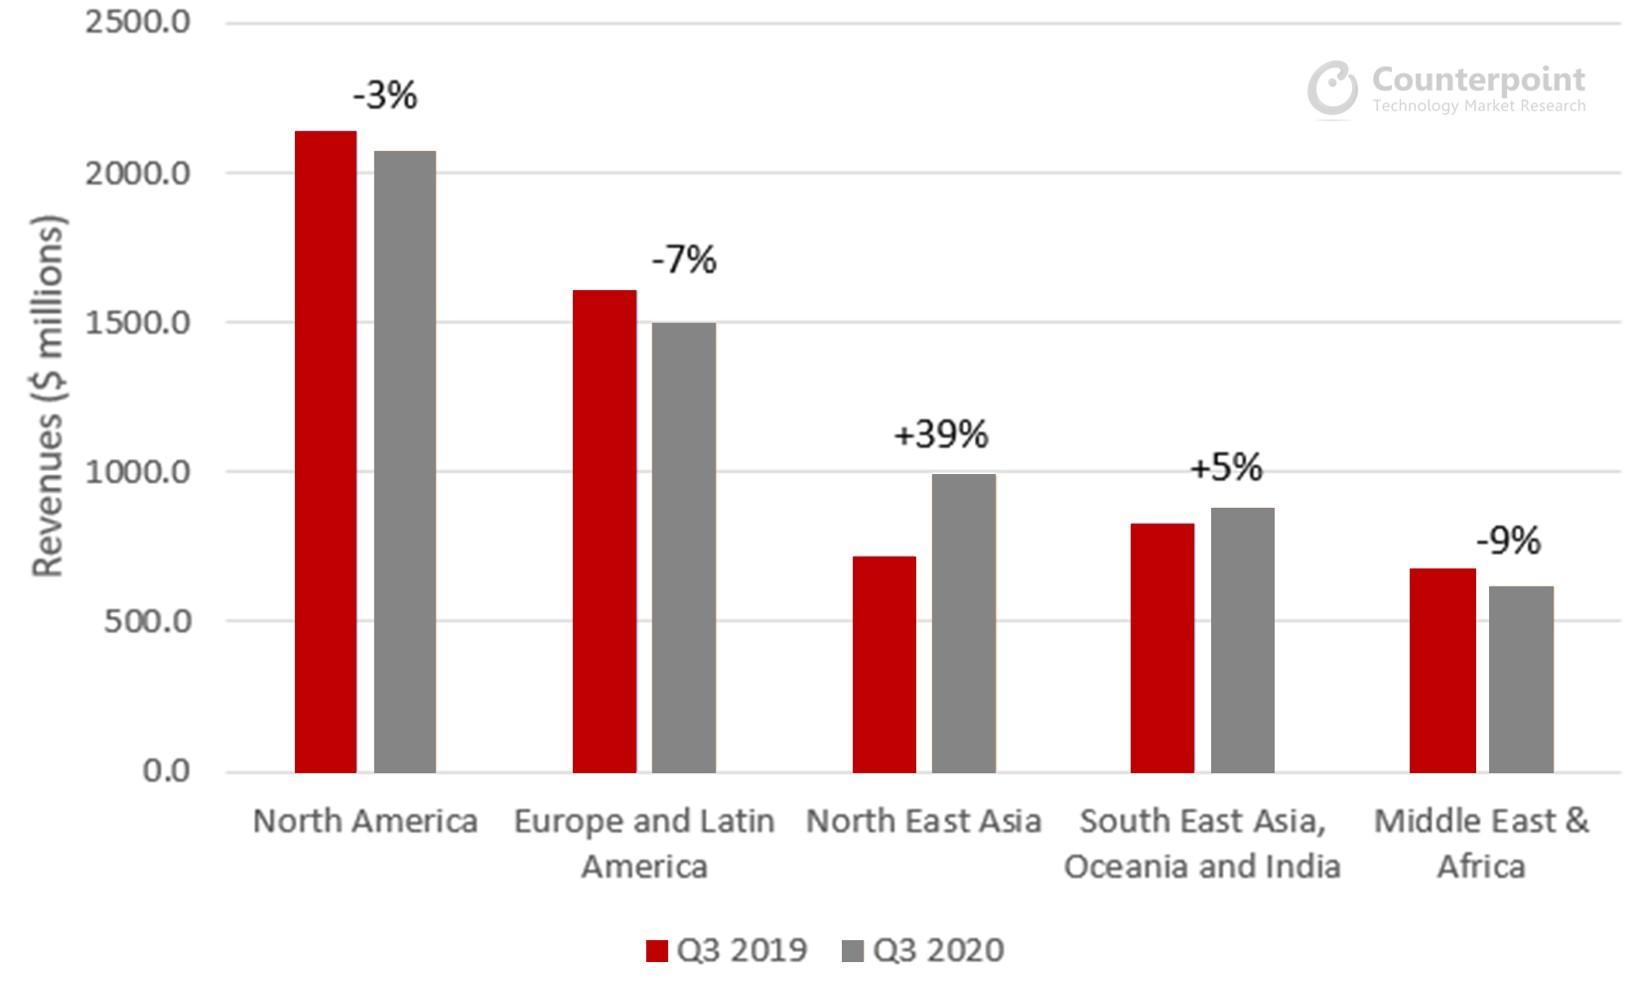 Ericsson Q3 2019-2020 YoY Revenues by Region